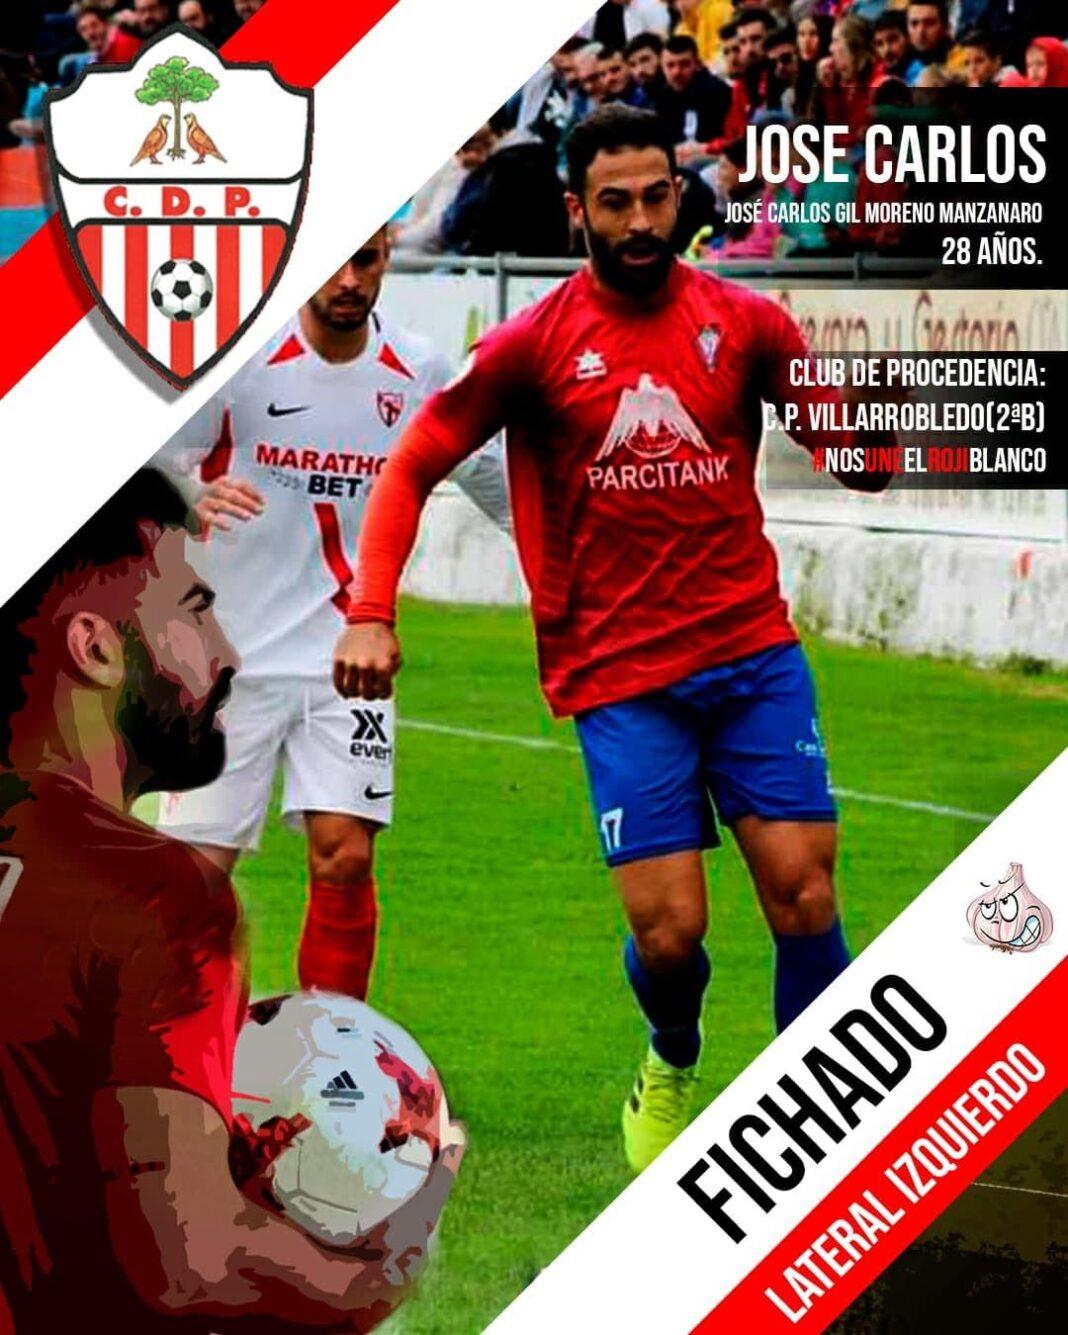 jose carlos gil ficha pedroneras futbol 1068x1335 - El herenciano José Carlos Gil ficha por el C.D: Pedroñeras